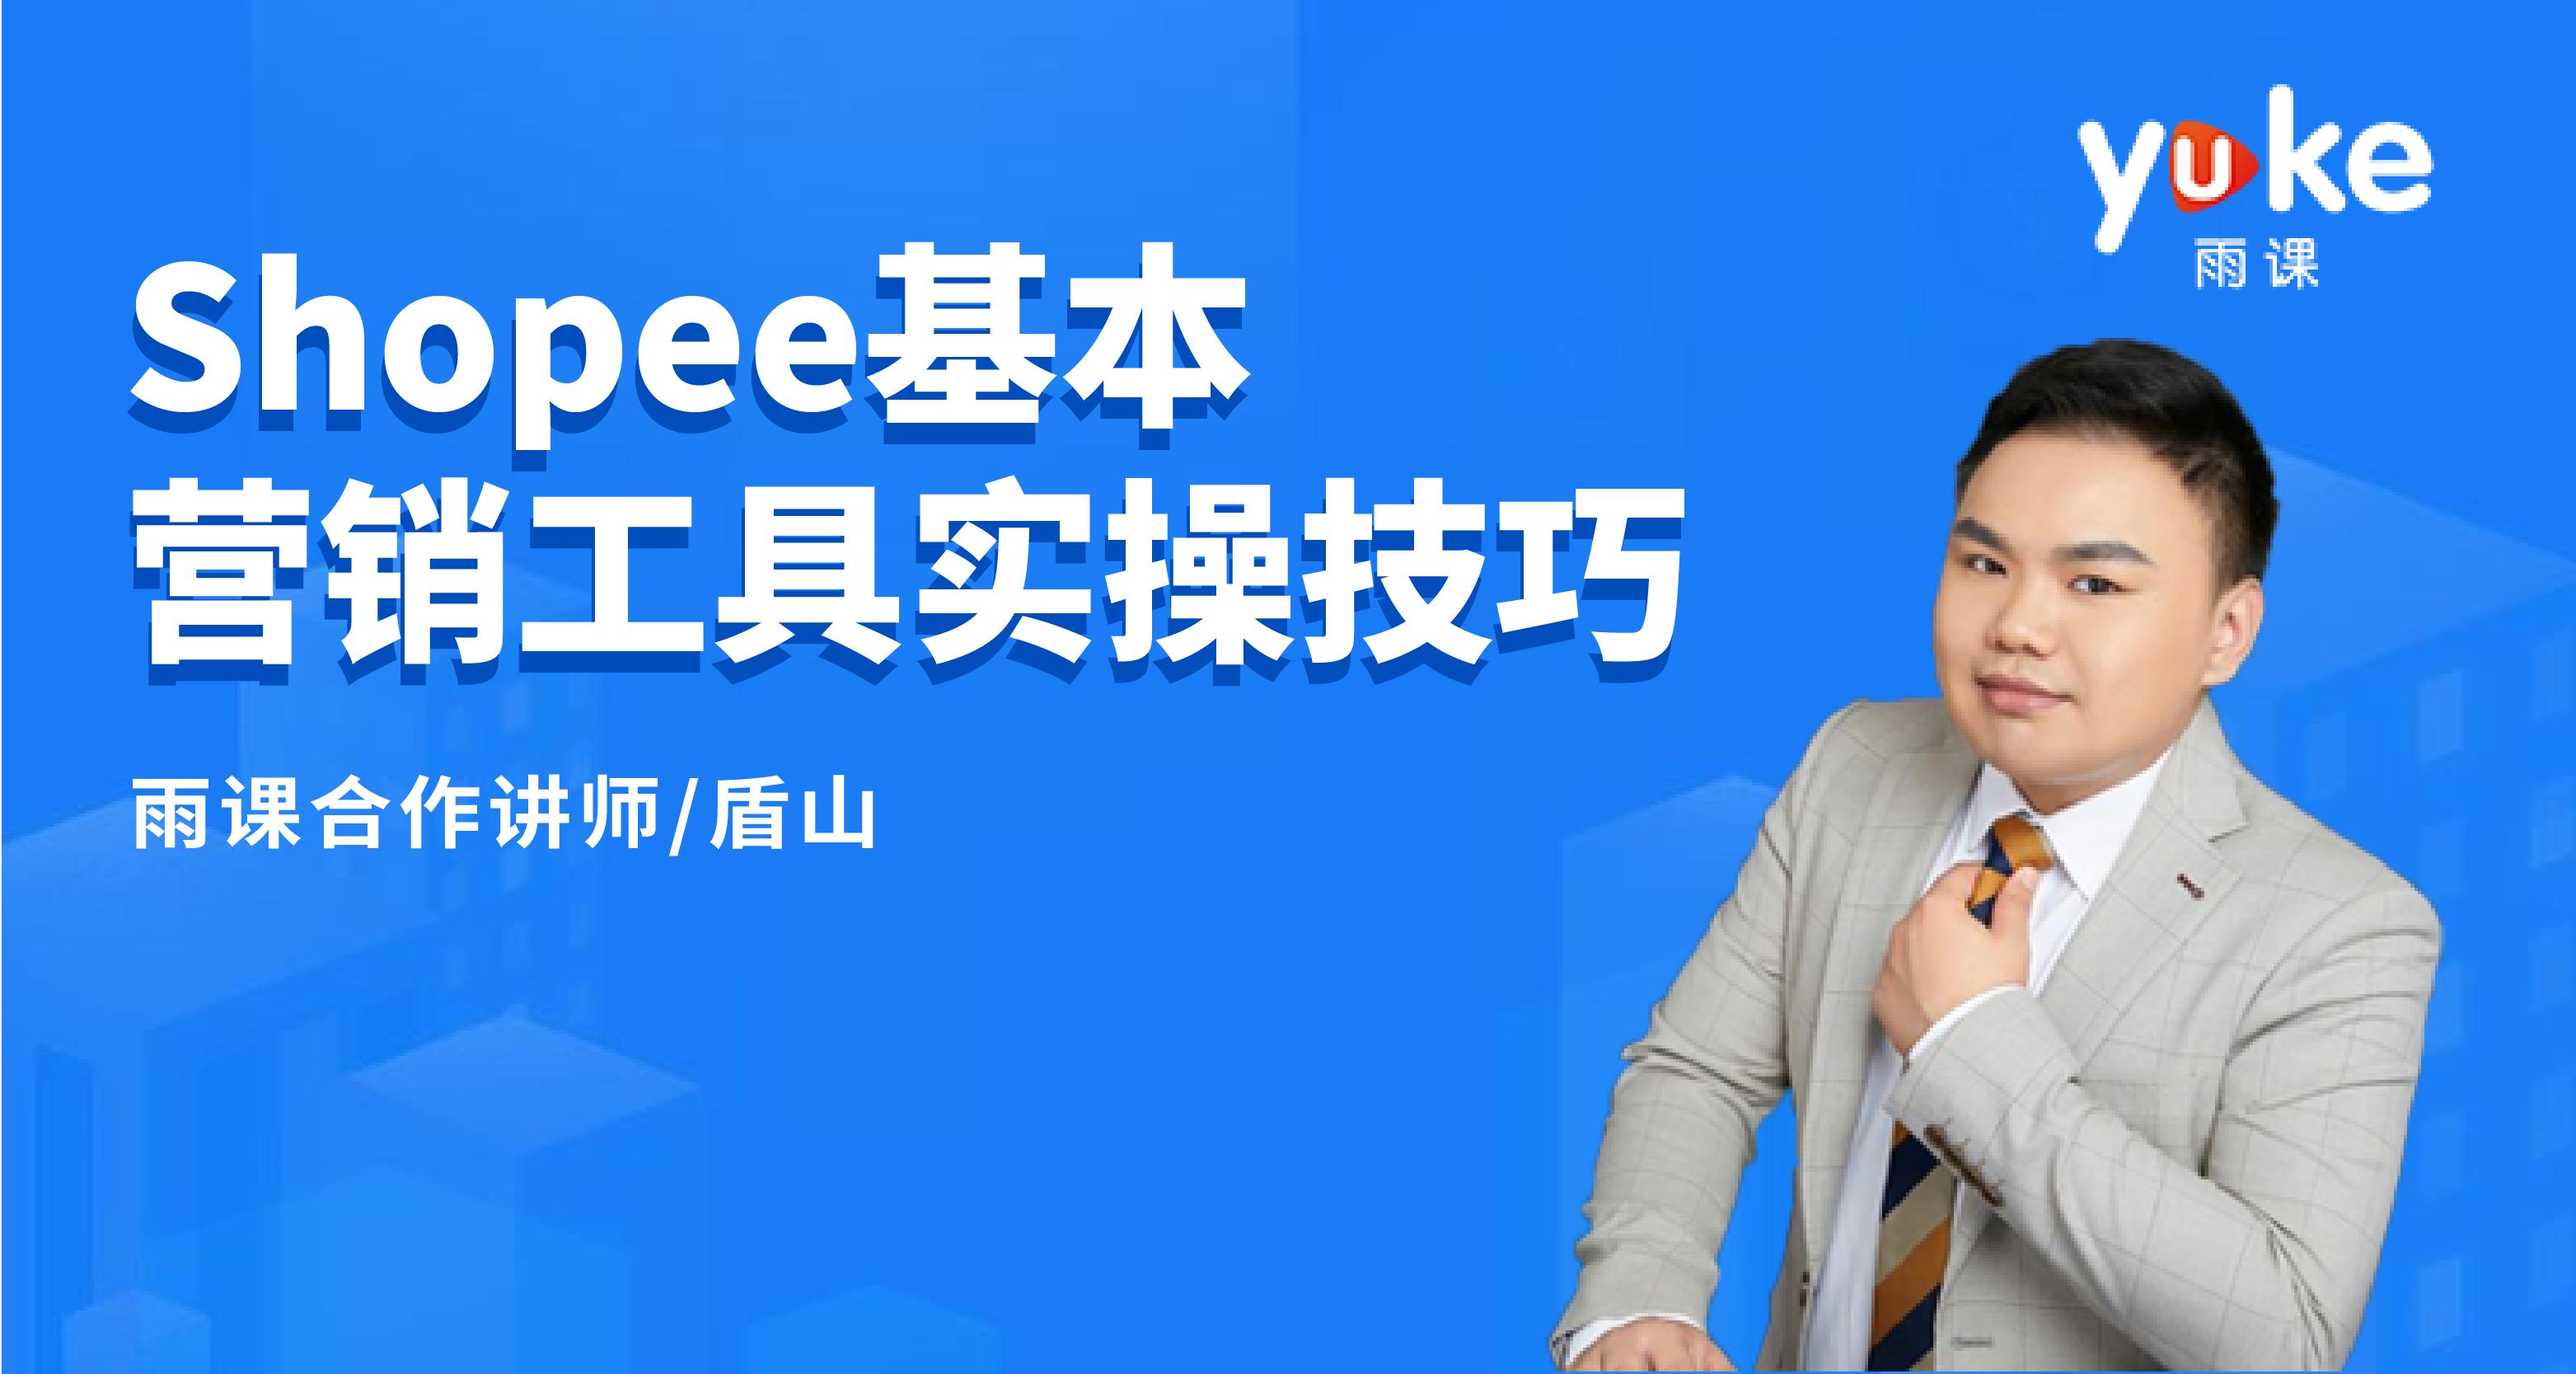 【进阶实操课】Shopee基本营销工具实操技巧